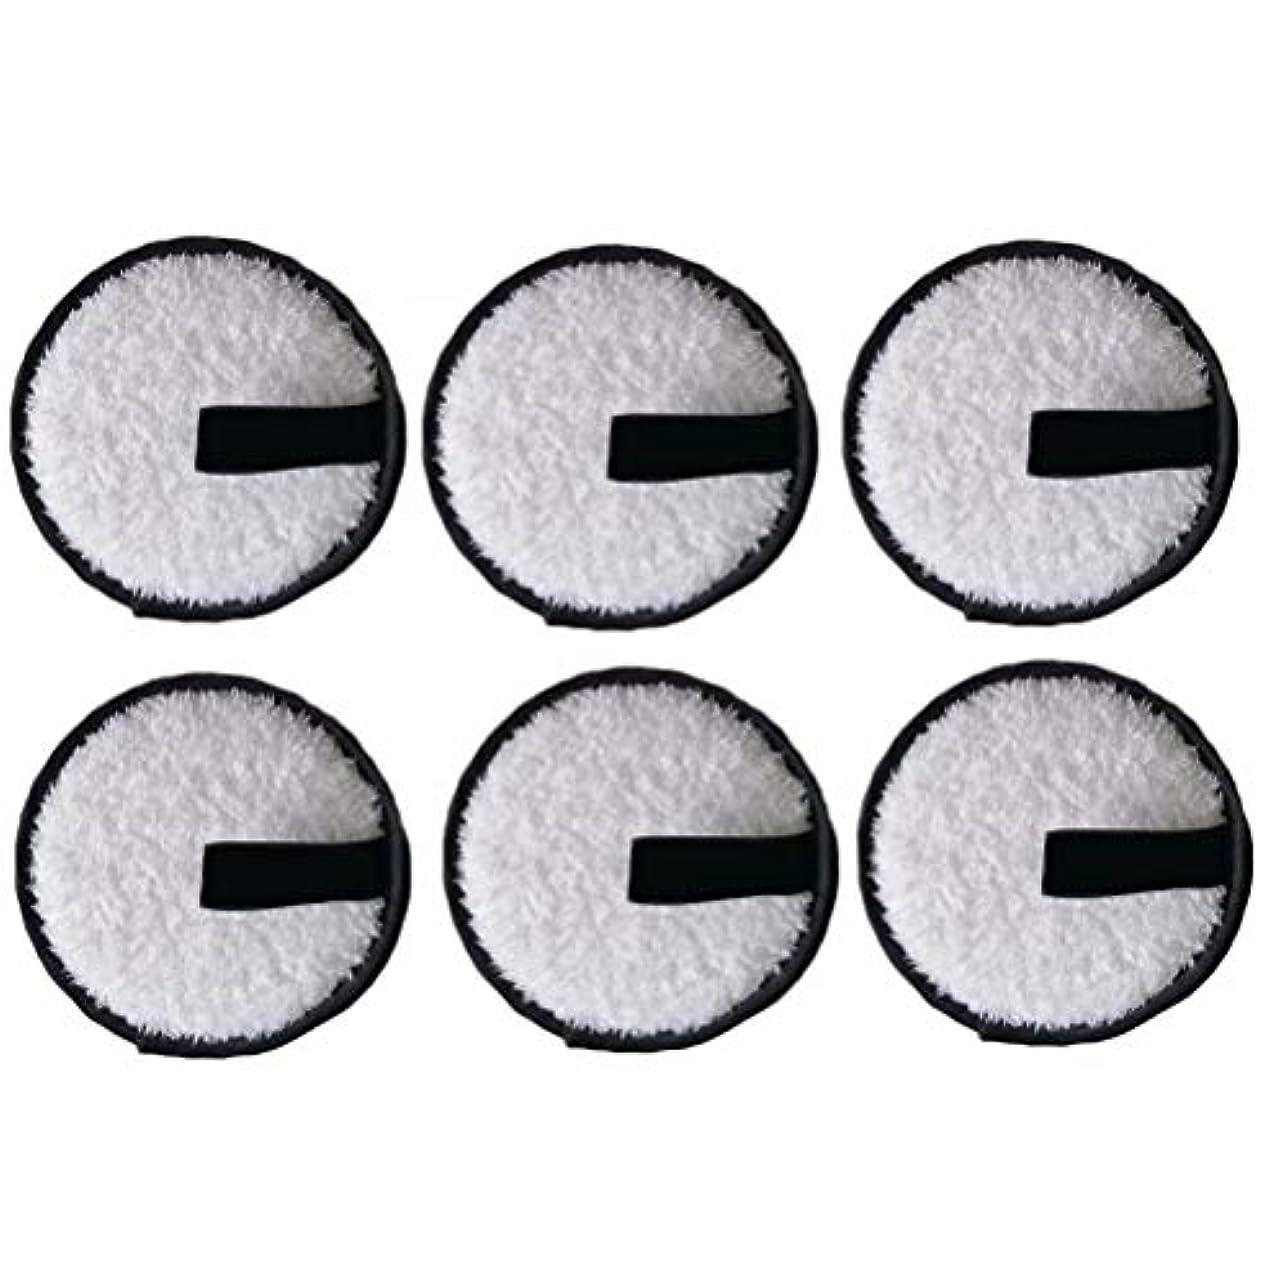 心配感染する群集LURROSE 6本洗顔パウダーパフ洗顔パウダーパフファッションメイク落とし圧縮パッド(黒)